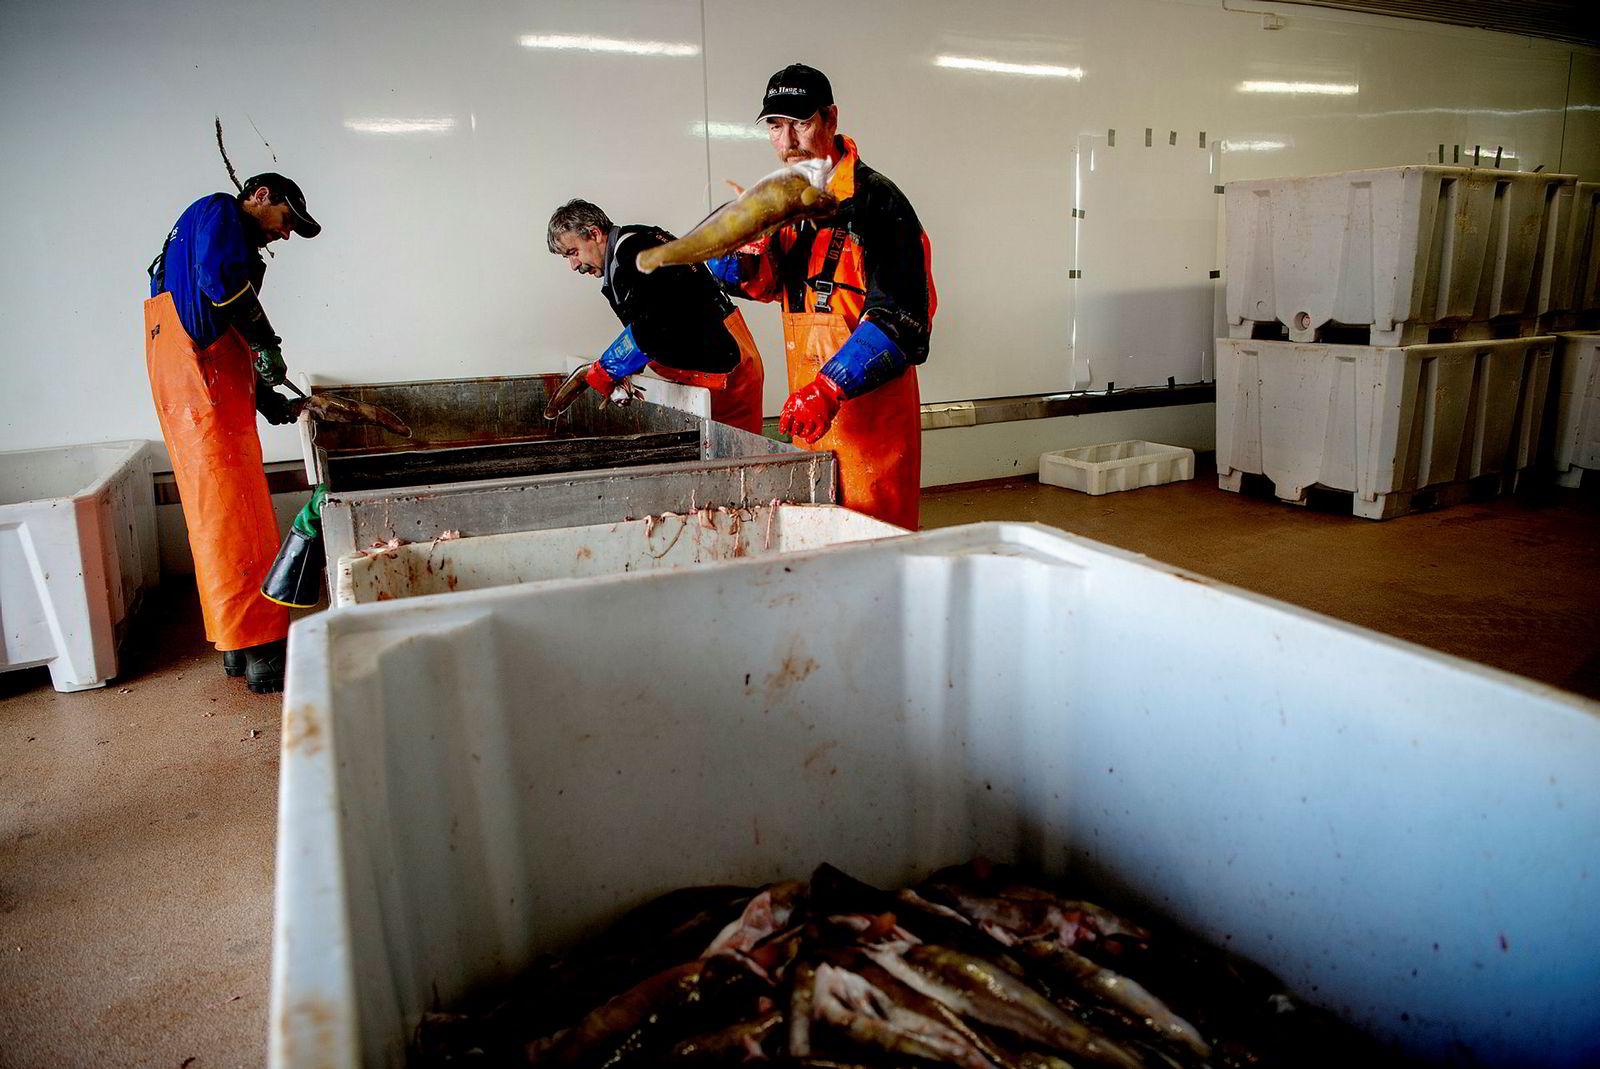 Sløyegjengen Svein Arctander, Stig Werner Bolle og Lars Eriksen sløyer og sorterer torsk ved sløyebenken på fiskebruket Nic. Haug på Ballstad i Lofoten.